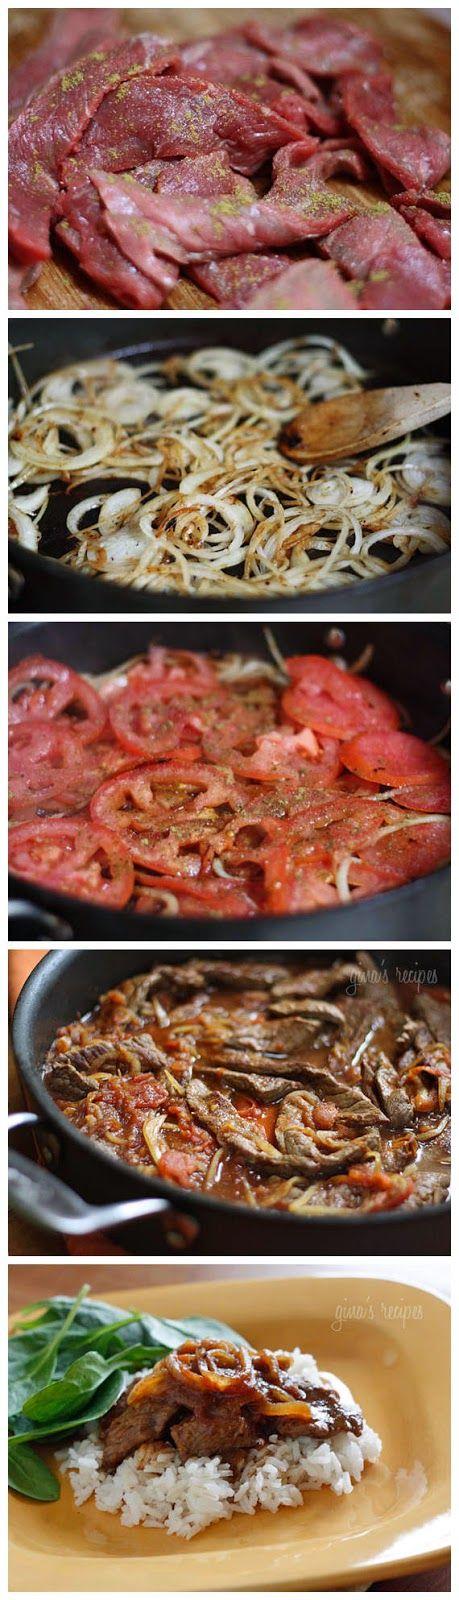 Estofado de bisteck en salsa de jitomate acompañado de arroz